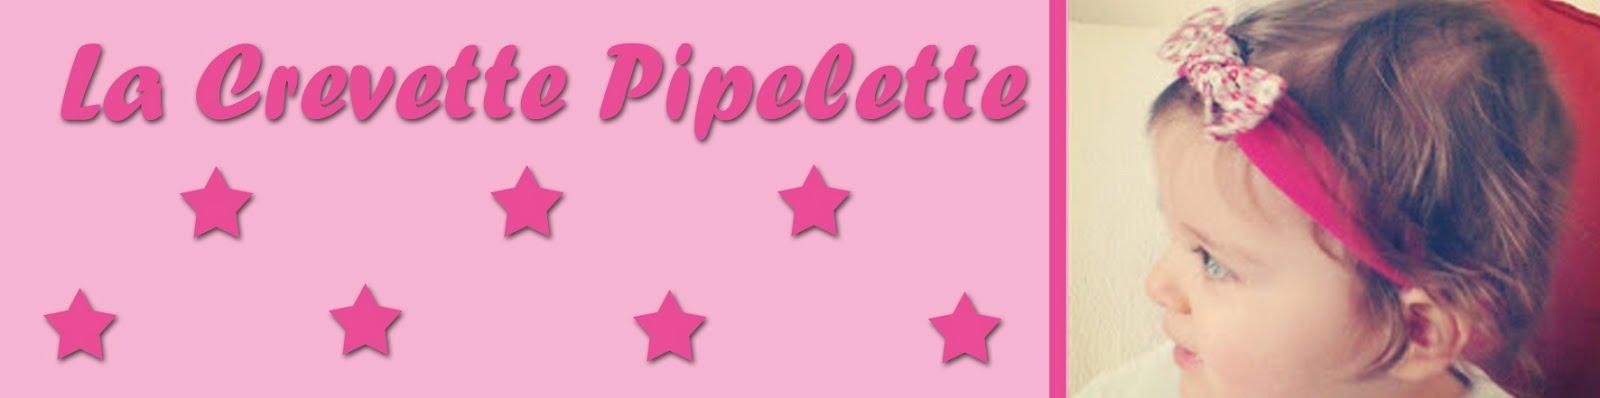 La Crevette Pipelette